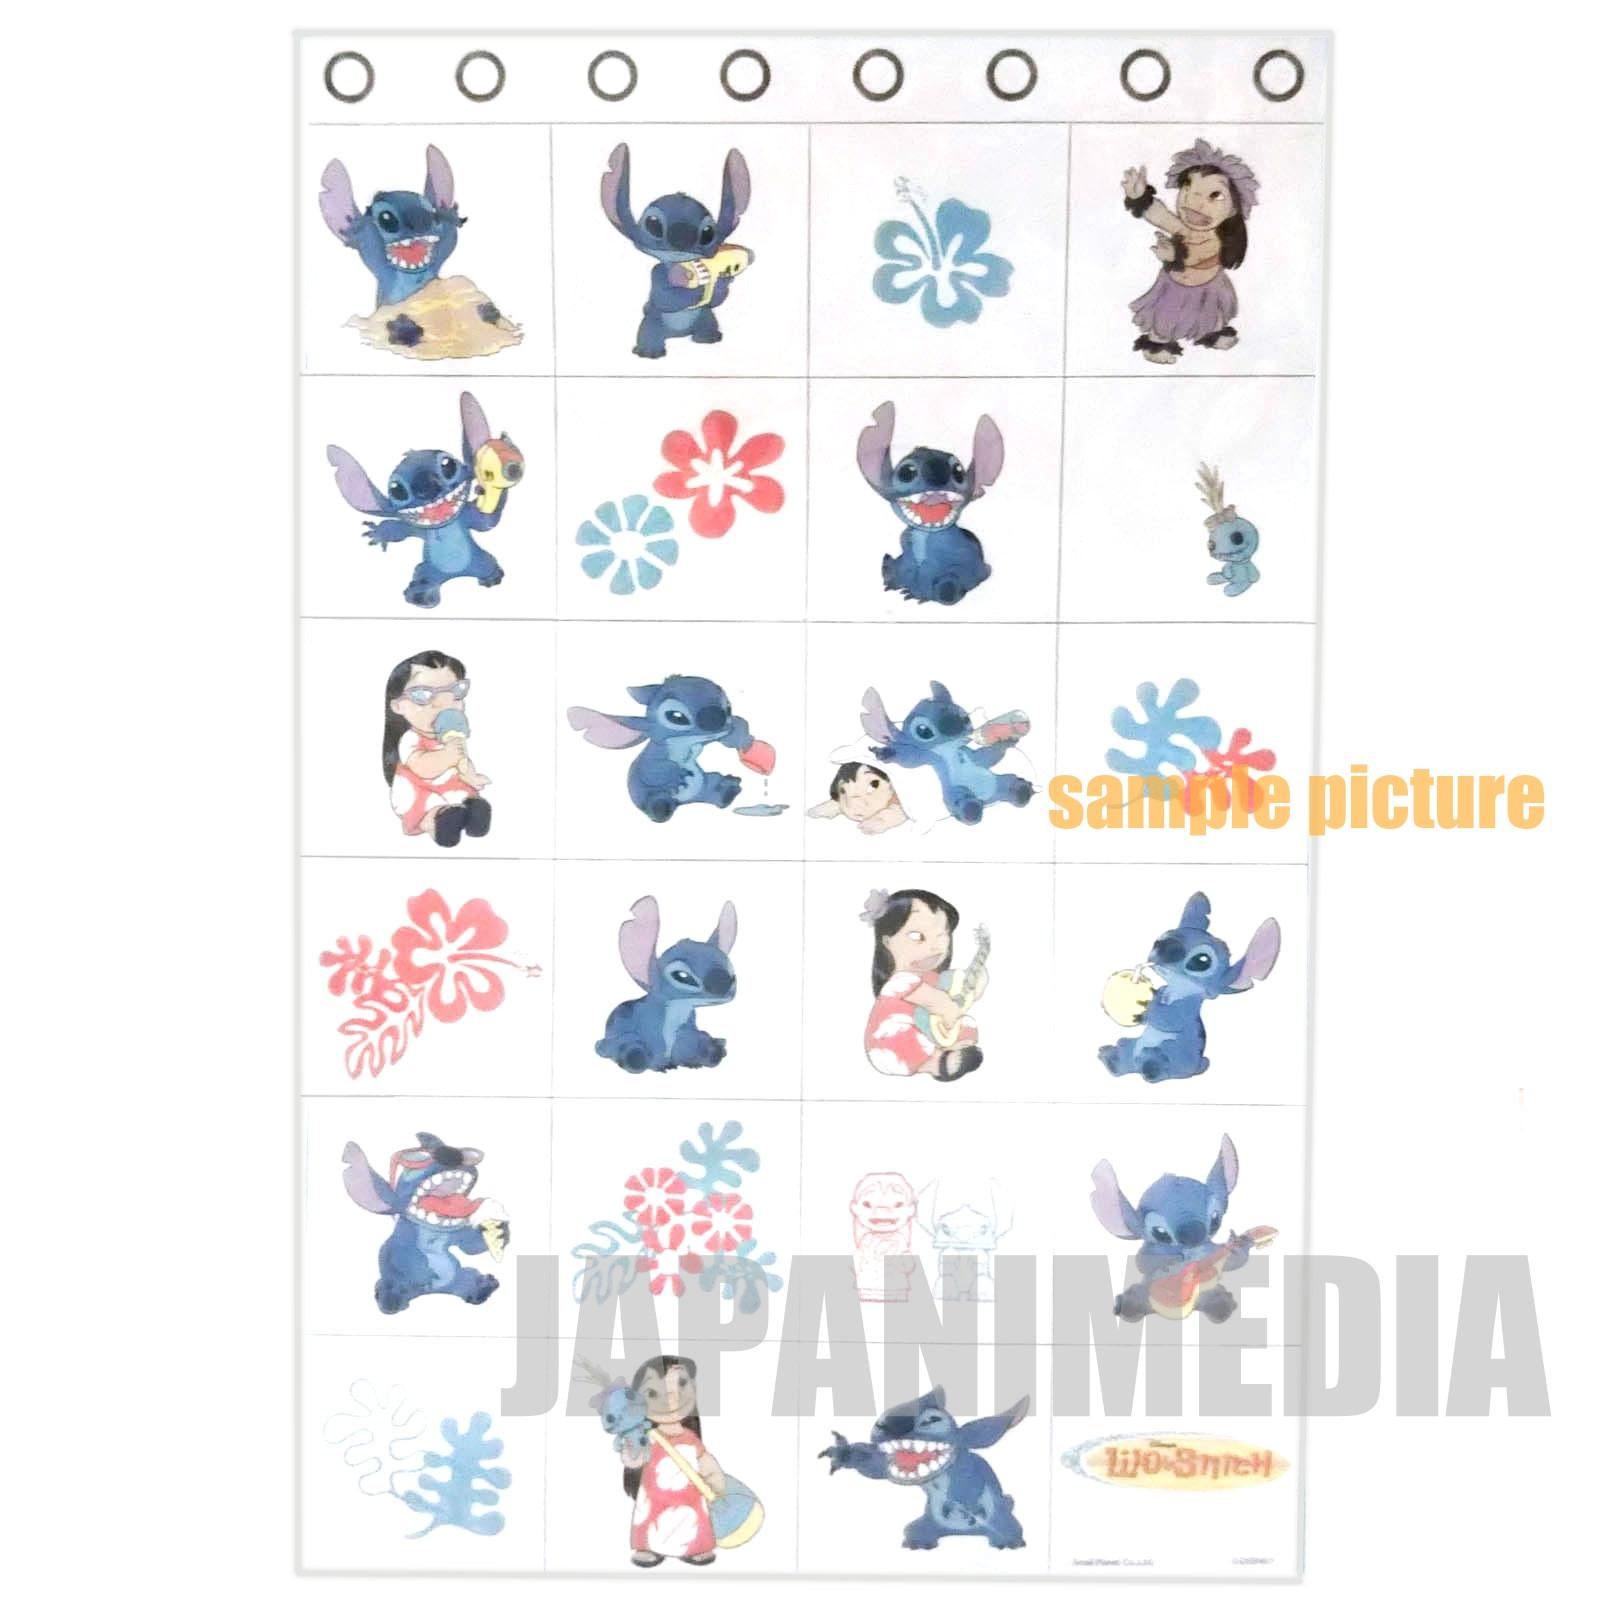 Disney Lilo & Stitch 24p Wall Pocket (104.5 x 68.5cm) JAPAN ANIME